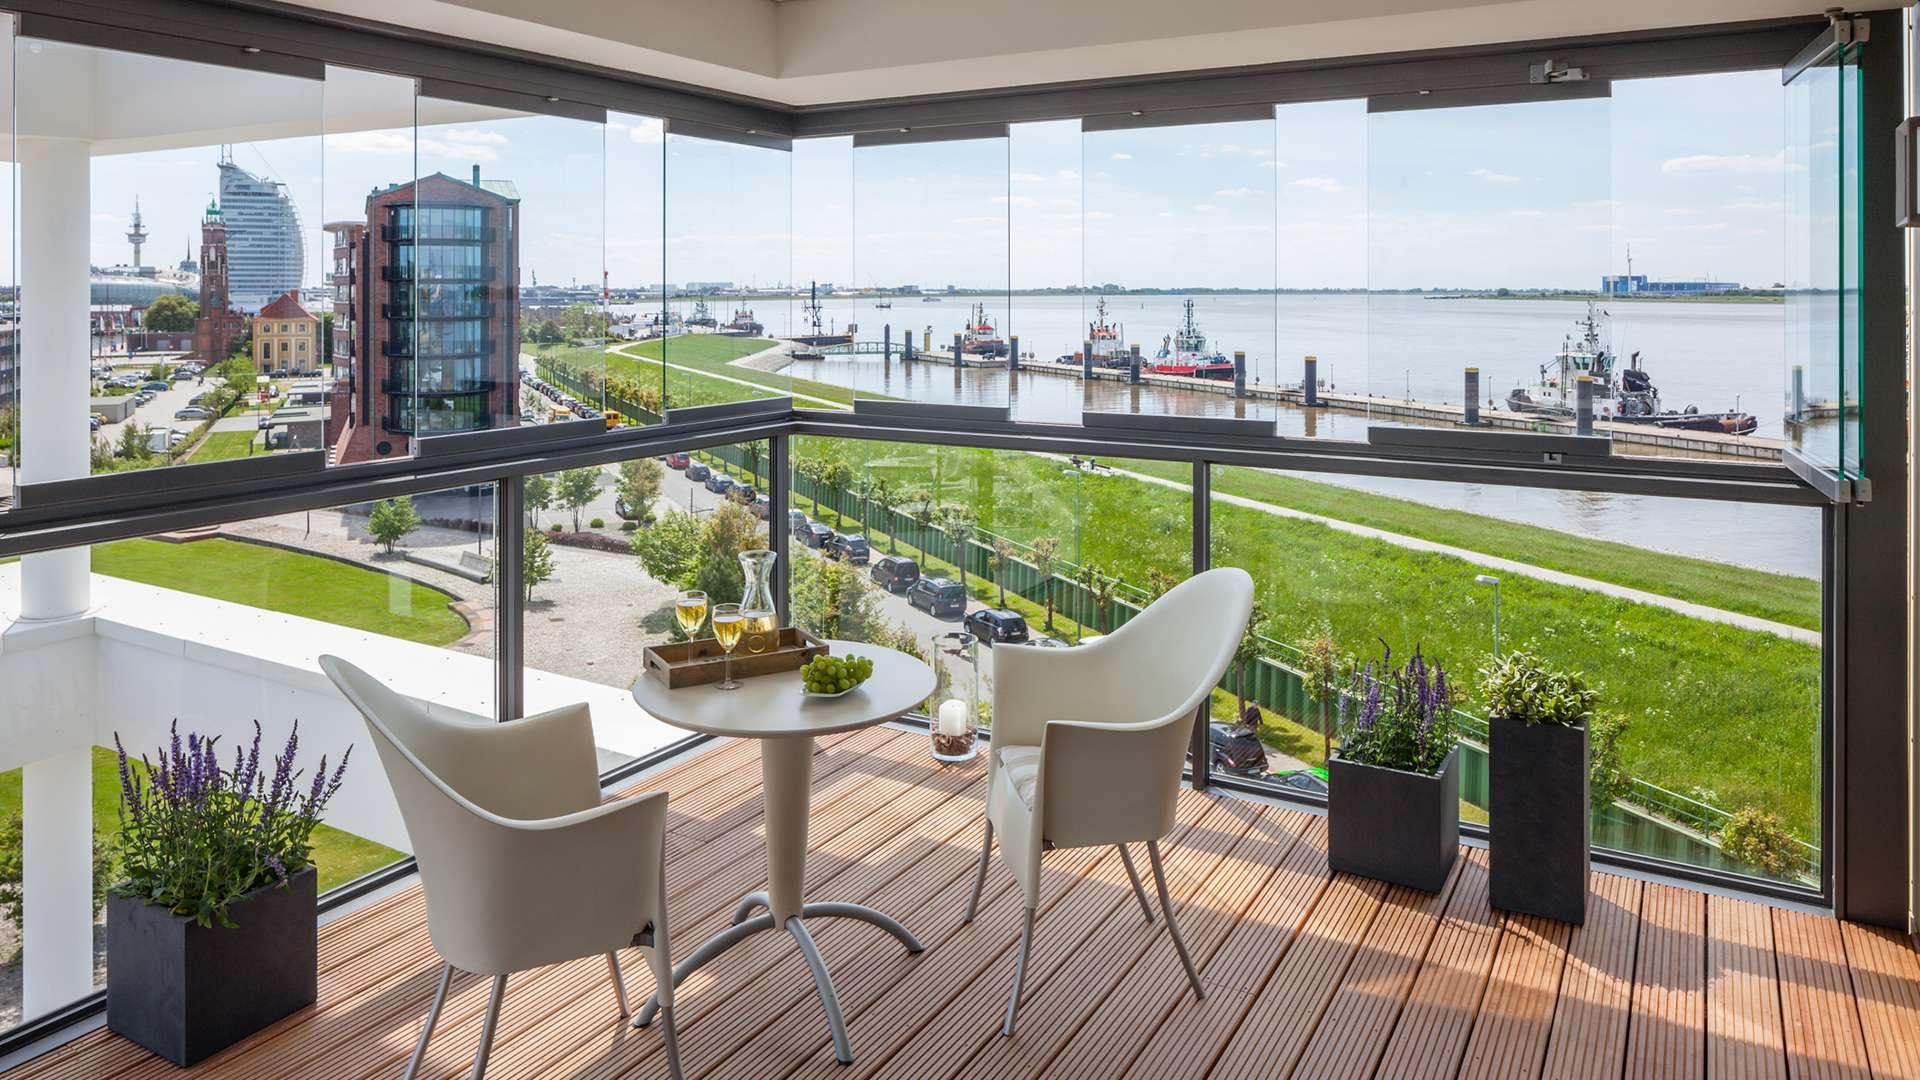 Blick auf einen verglasten Balkon, von dem aus man auf einen Fluss guckt